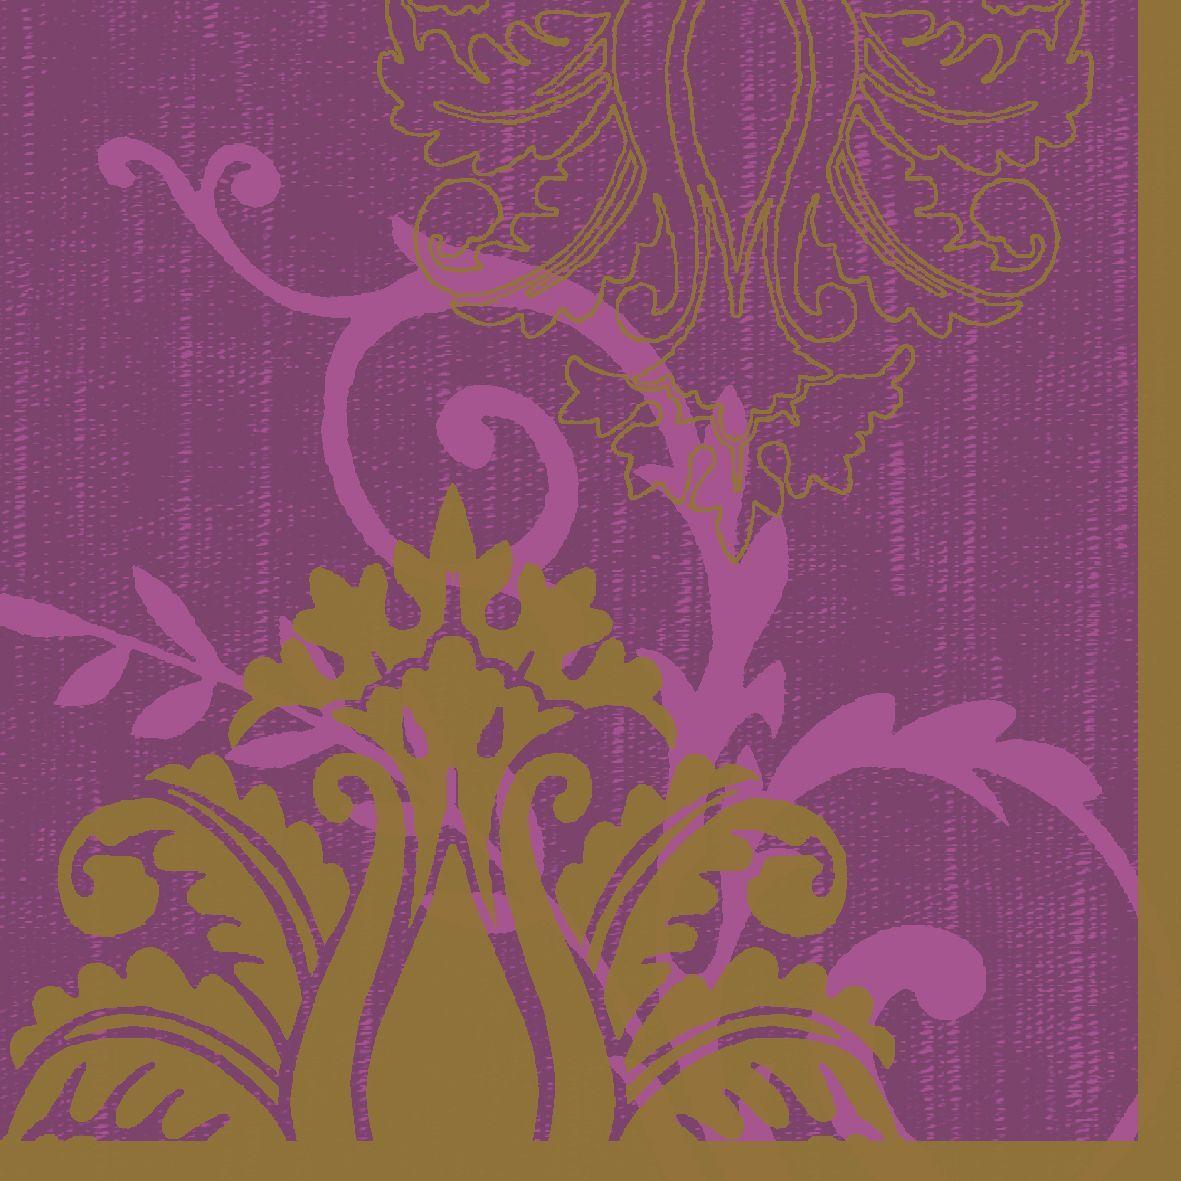 Салфетки бумажные Duni, 3-слойные, цвет: фиолетовый, 33 х 33 см, 20 шт бумажные салфетки duni салфетки бумажные 3 слойные 33 х 33 см белые 20 шт